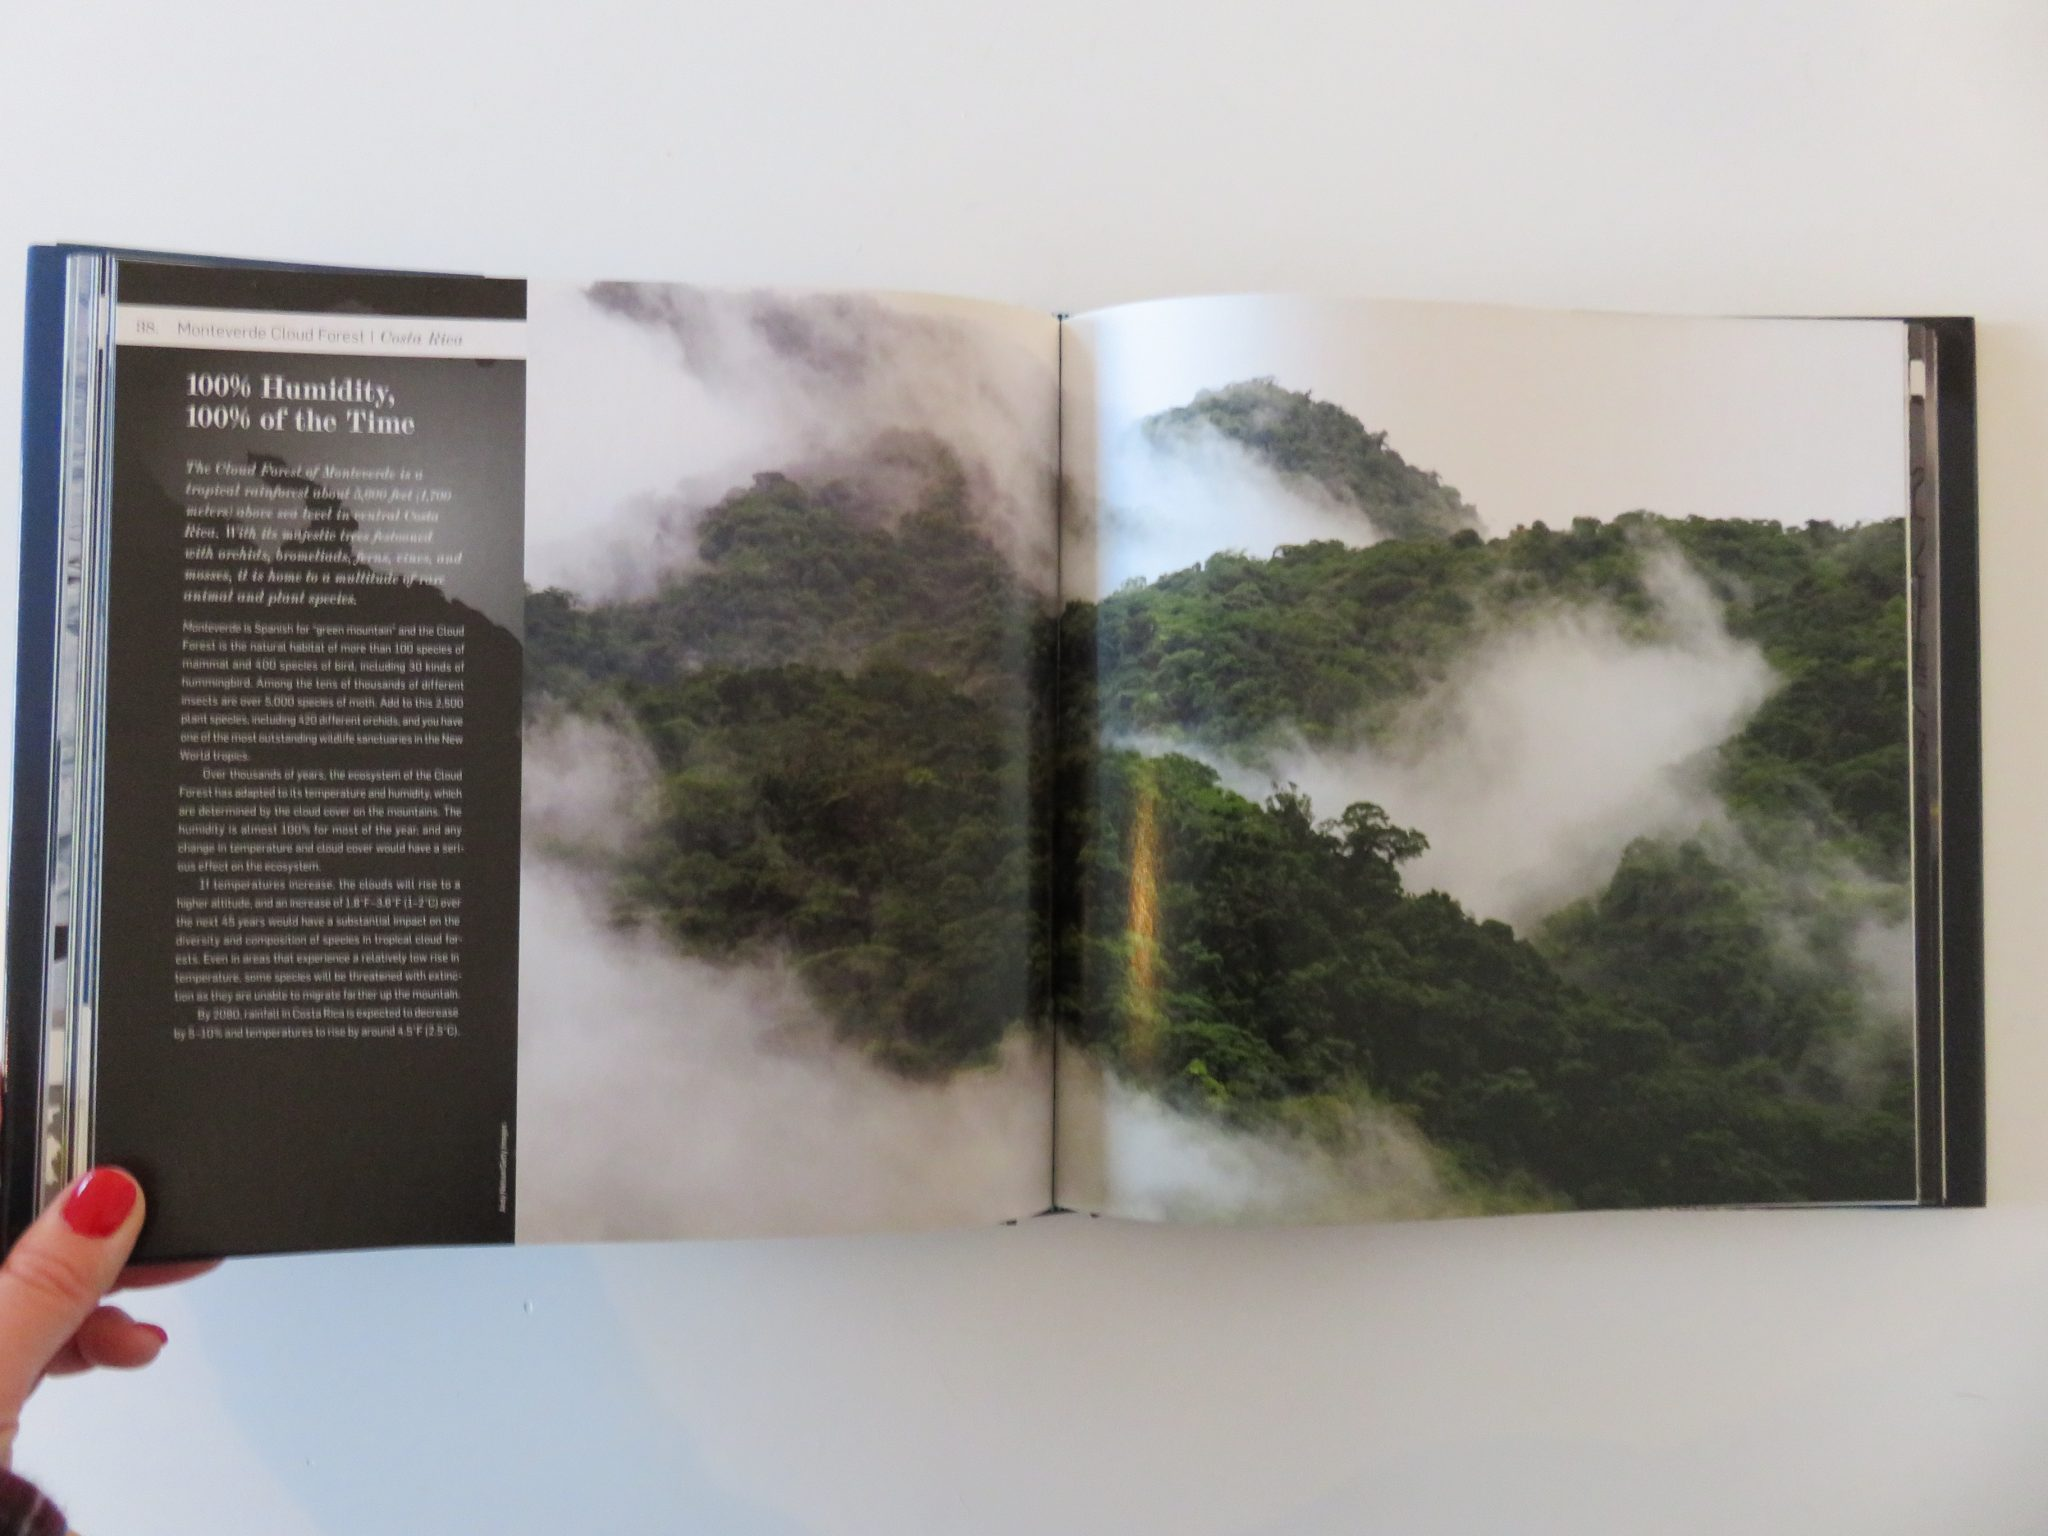 No 4. The rain forest in Costa Rica